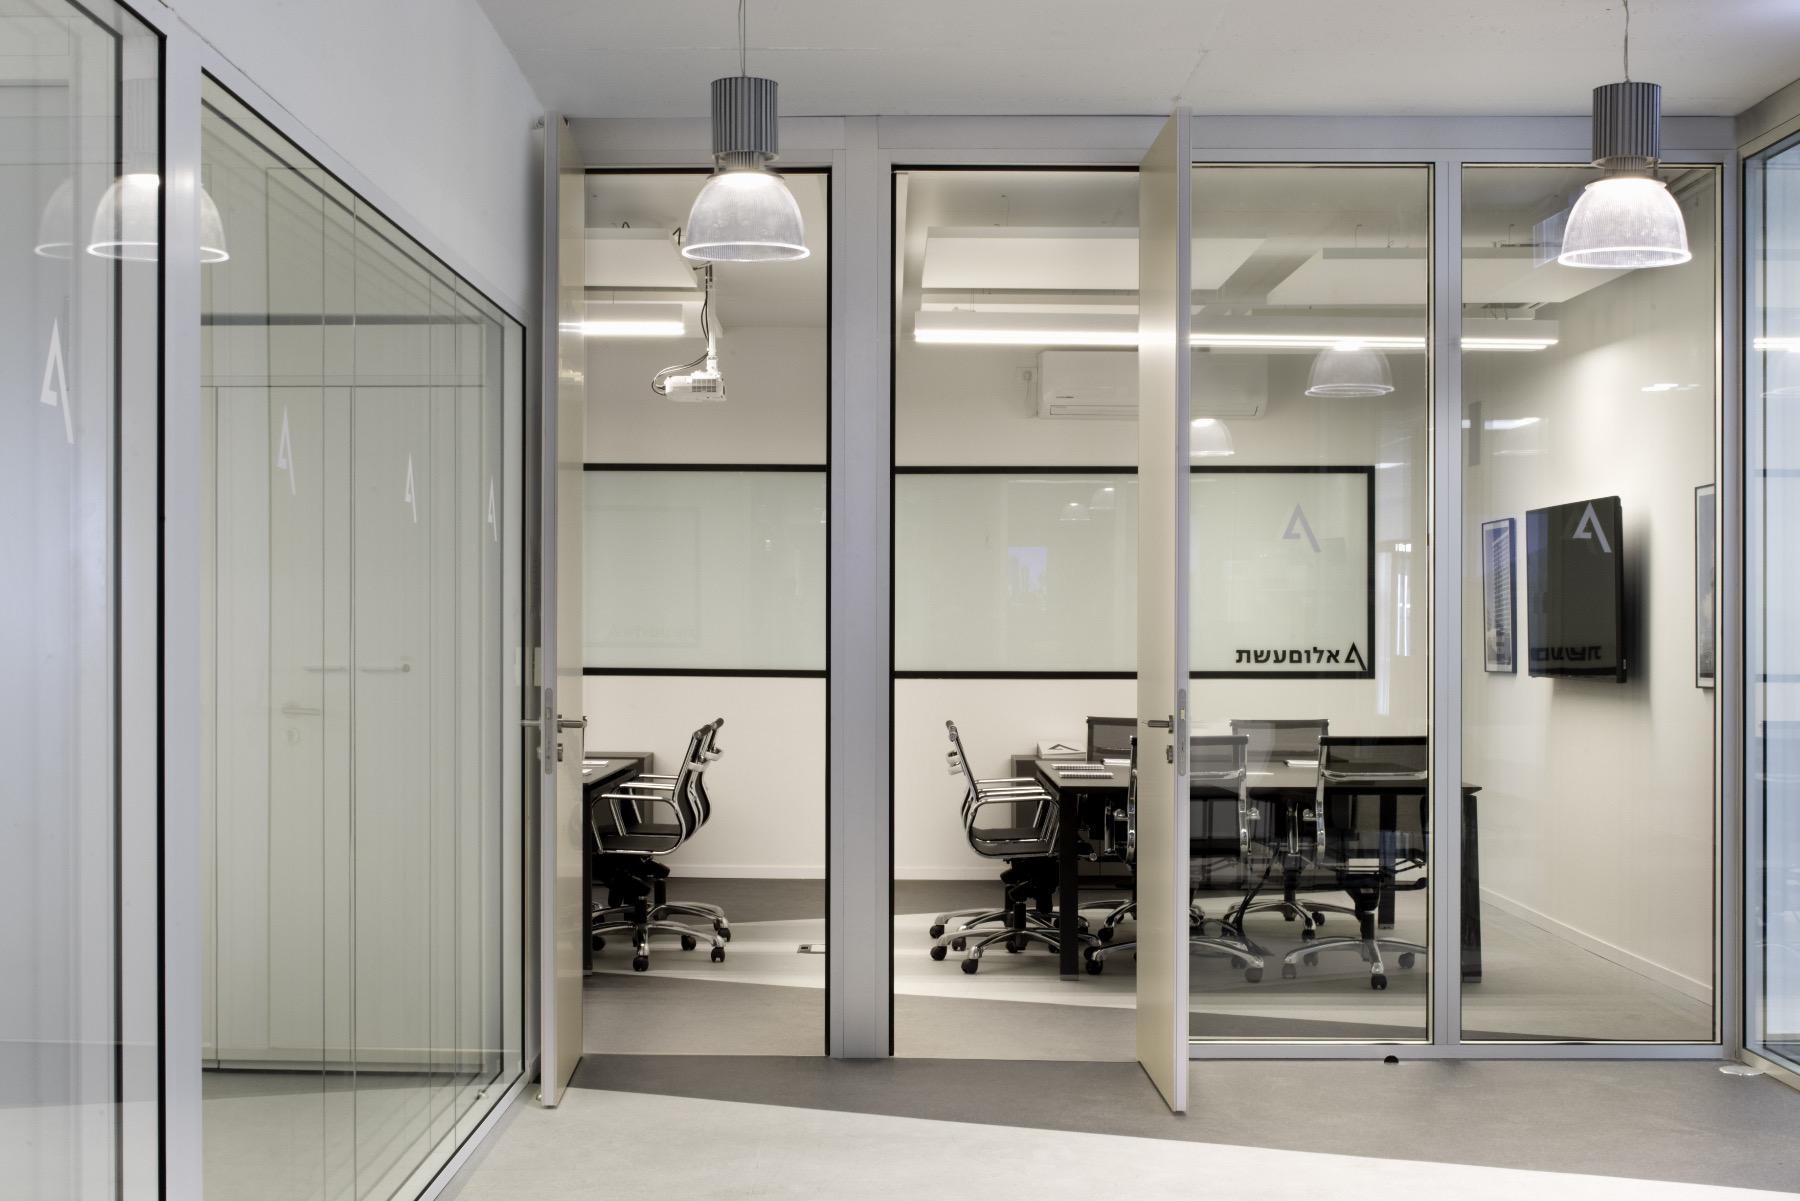 alum-eshet-office-8